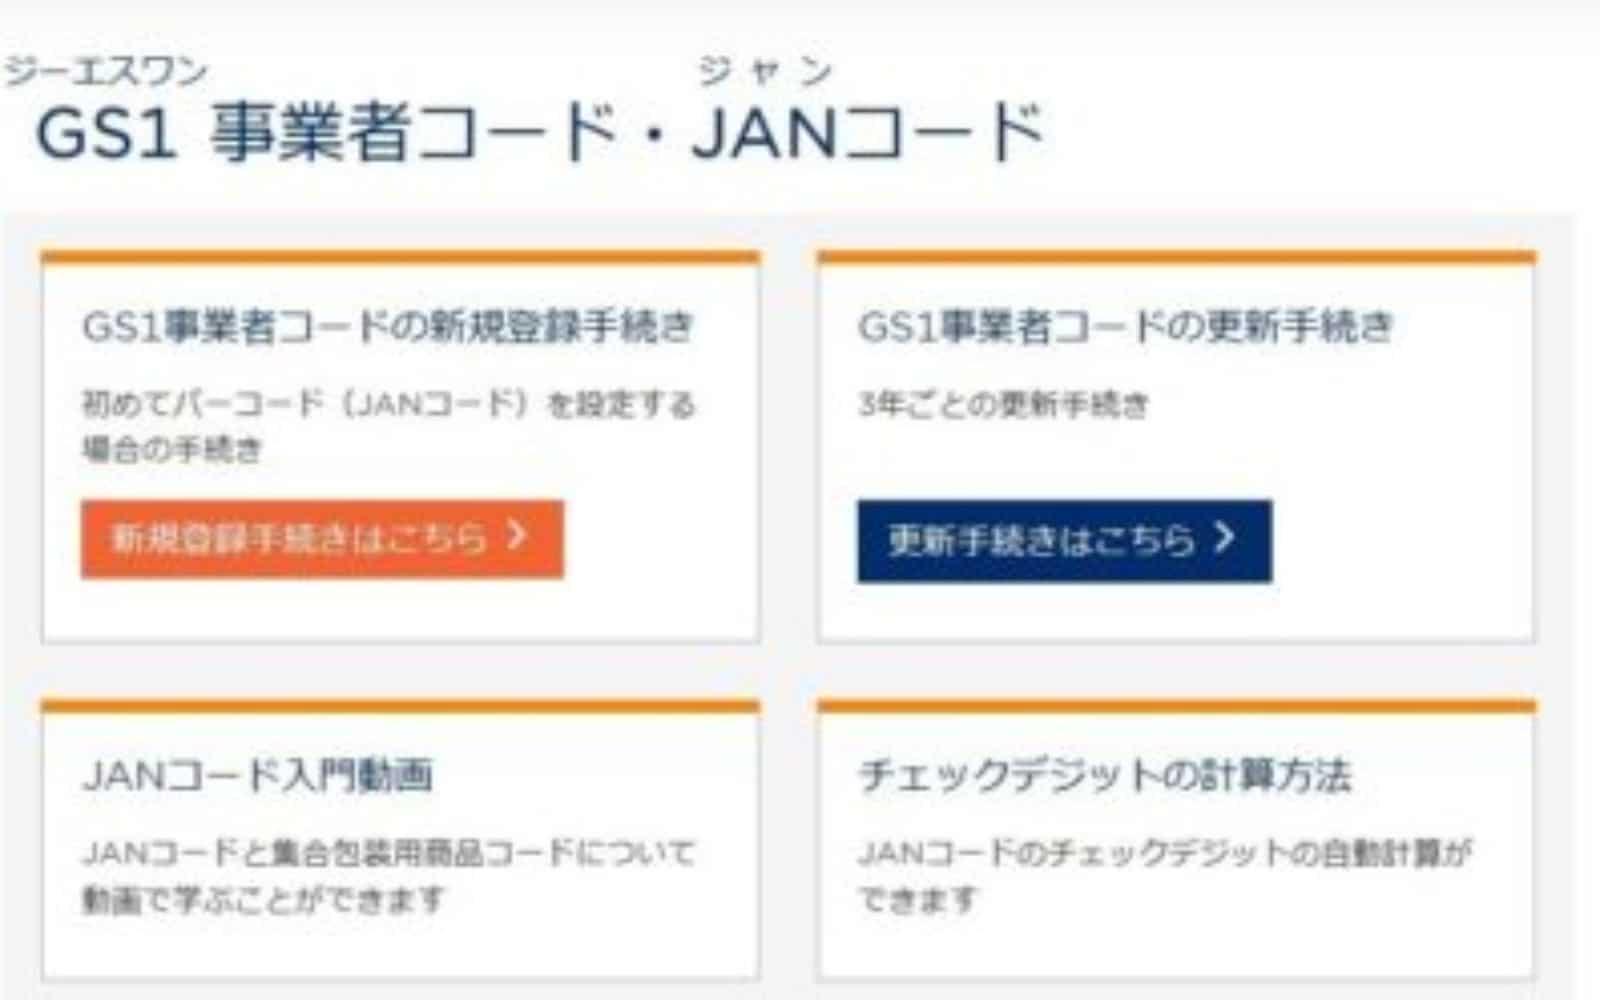 オレンジ色の「新規登録手続きはこちら」をクリック